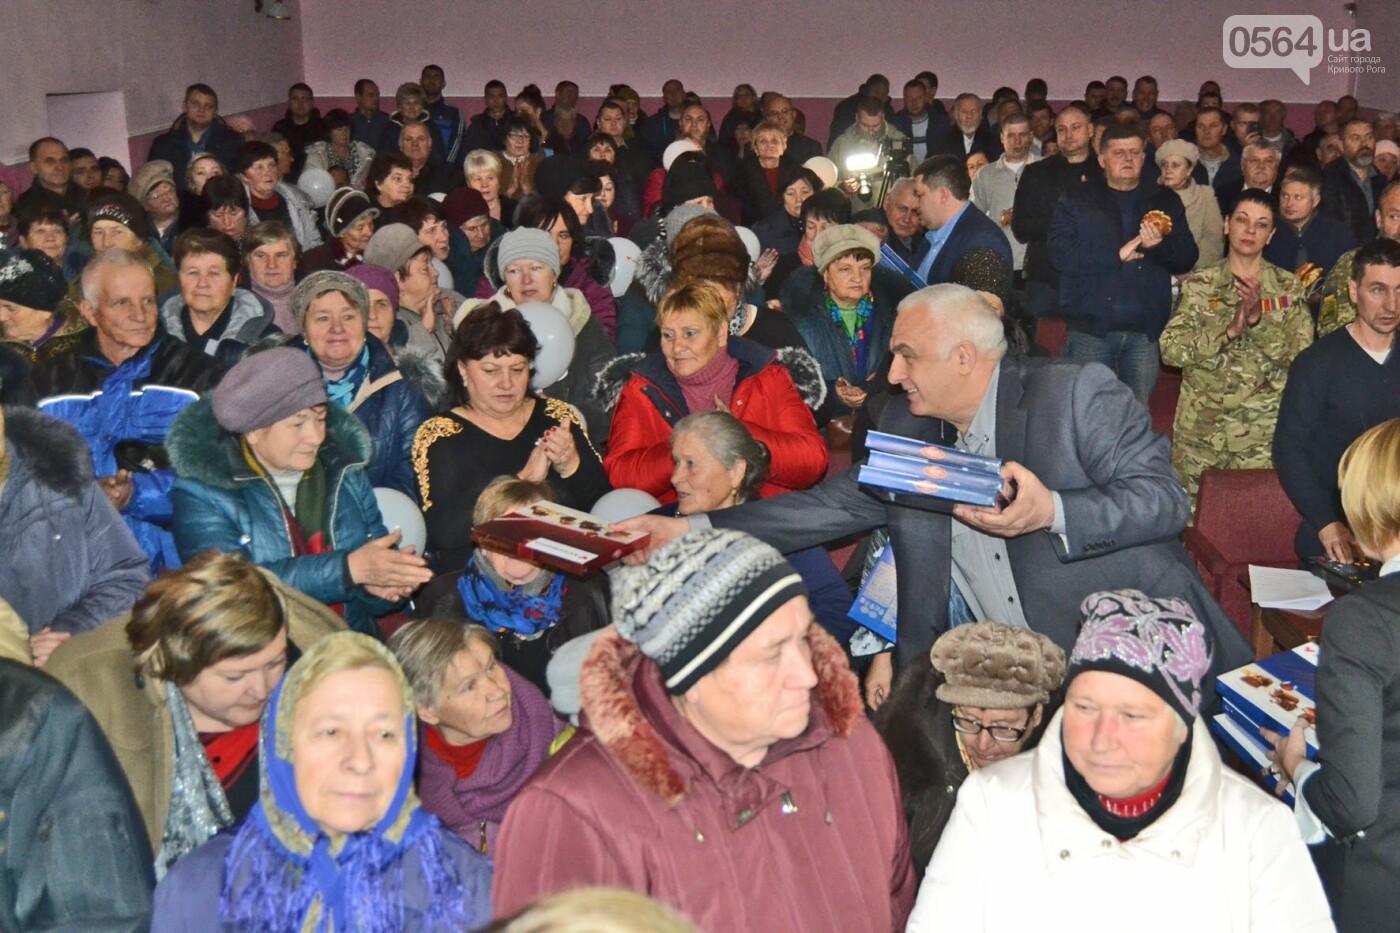 Душистый каравай и партбилеты для всей семьи, - как отмечали День Криворожского района, - ФОТО, фото-4